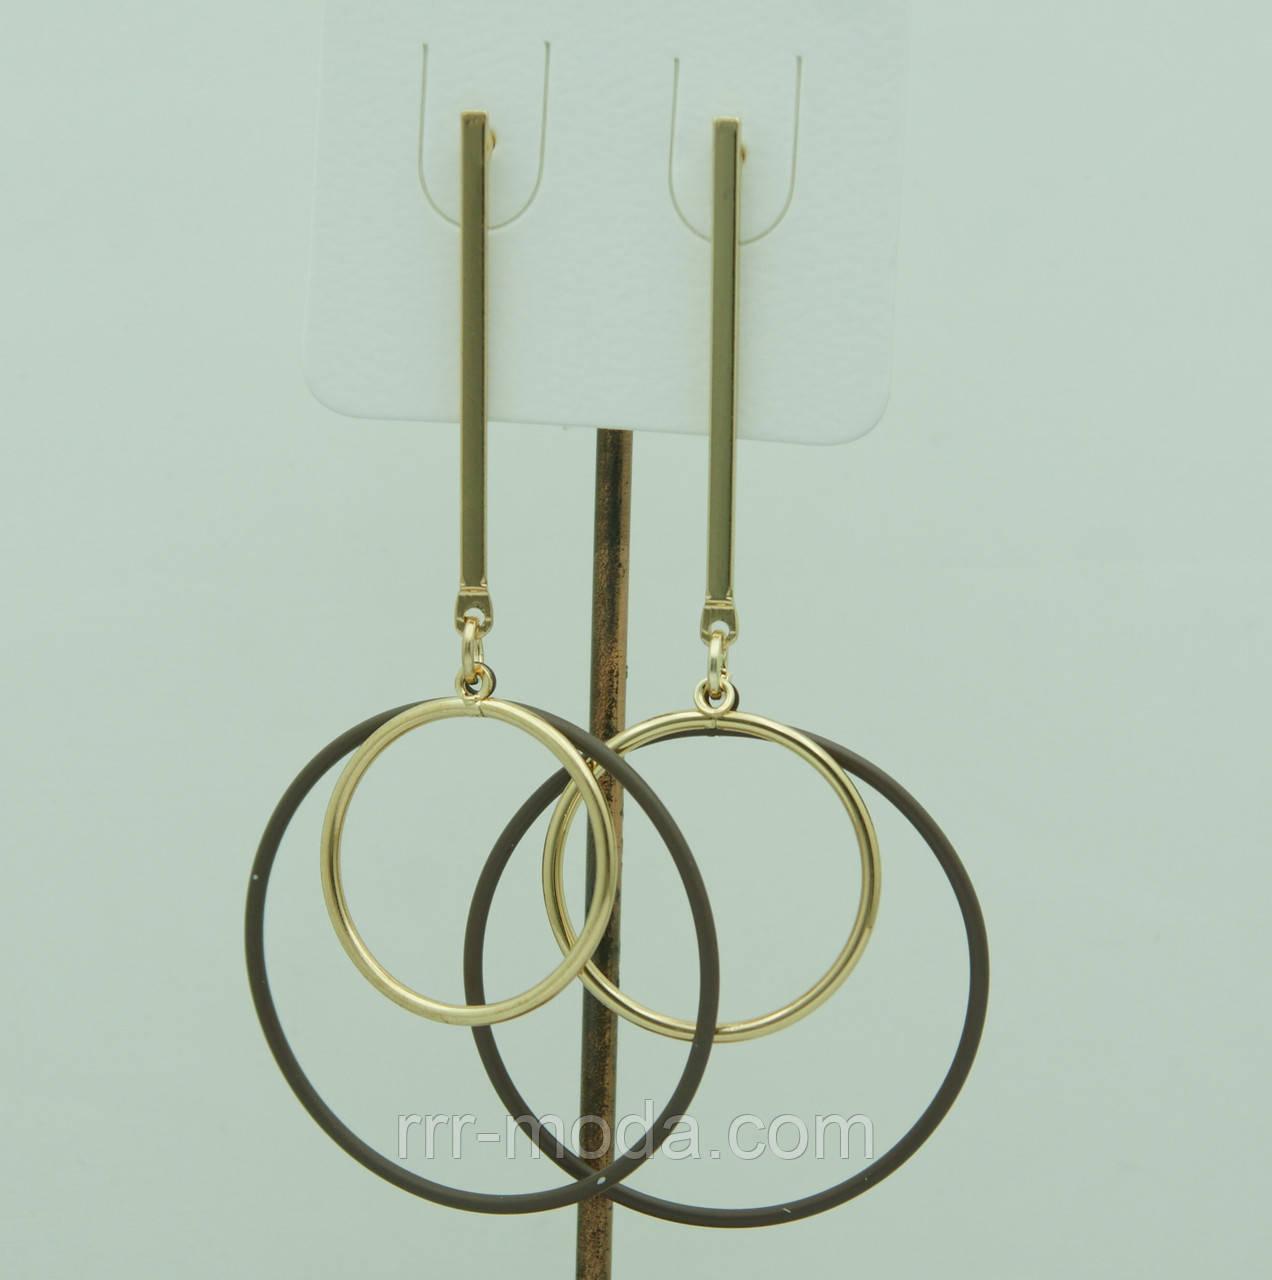 Необычные серьги кольца, серьги с коричневыми кольцами 3068